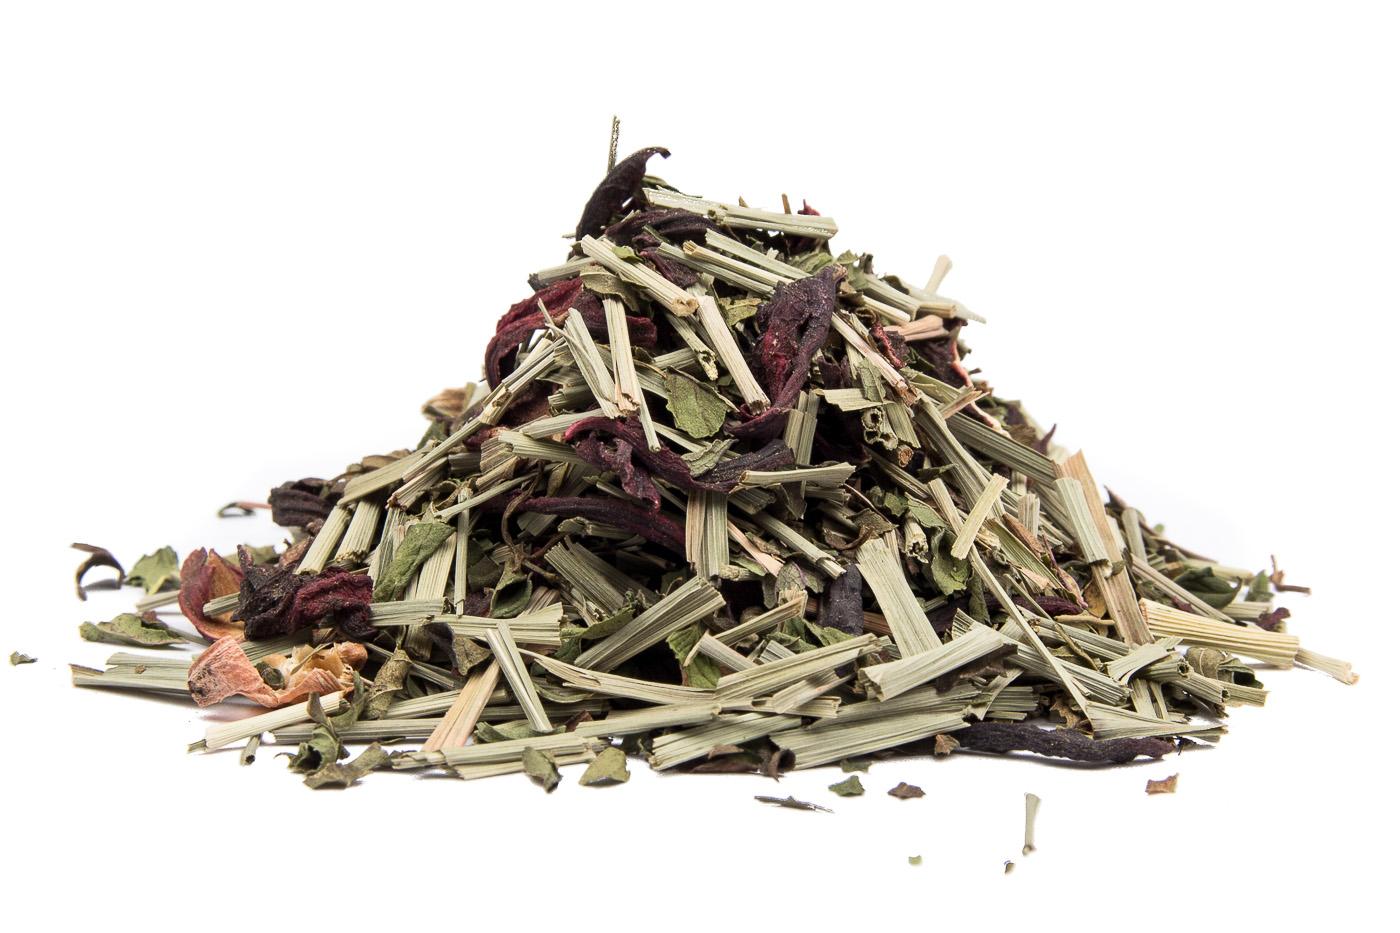 Kenyából származó teák